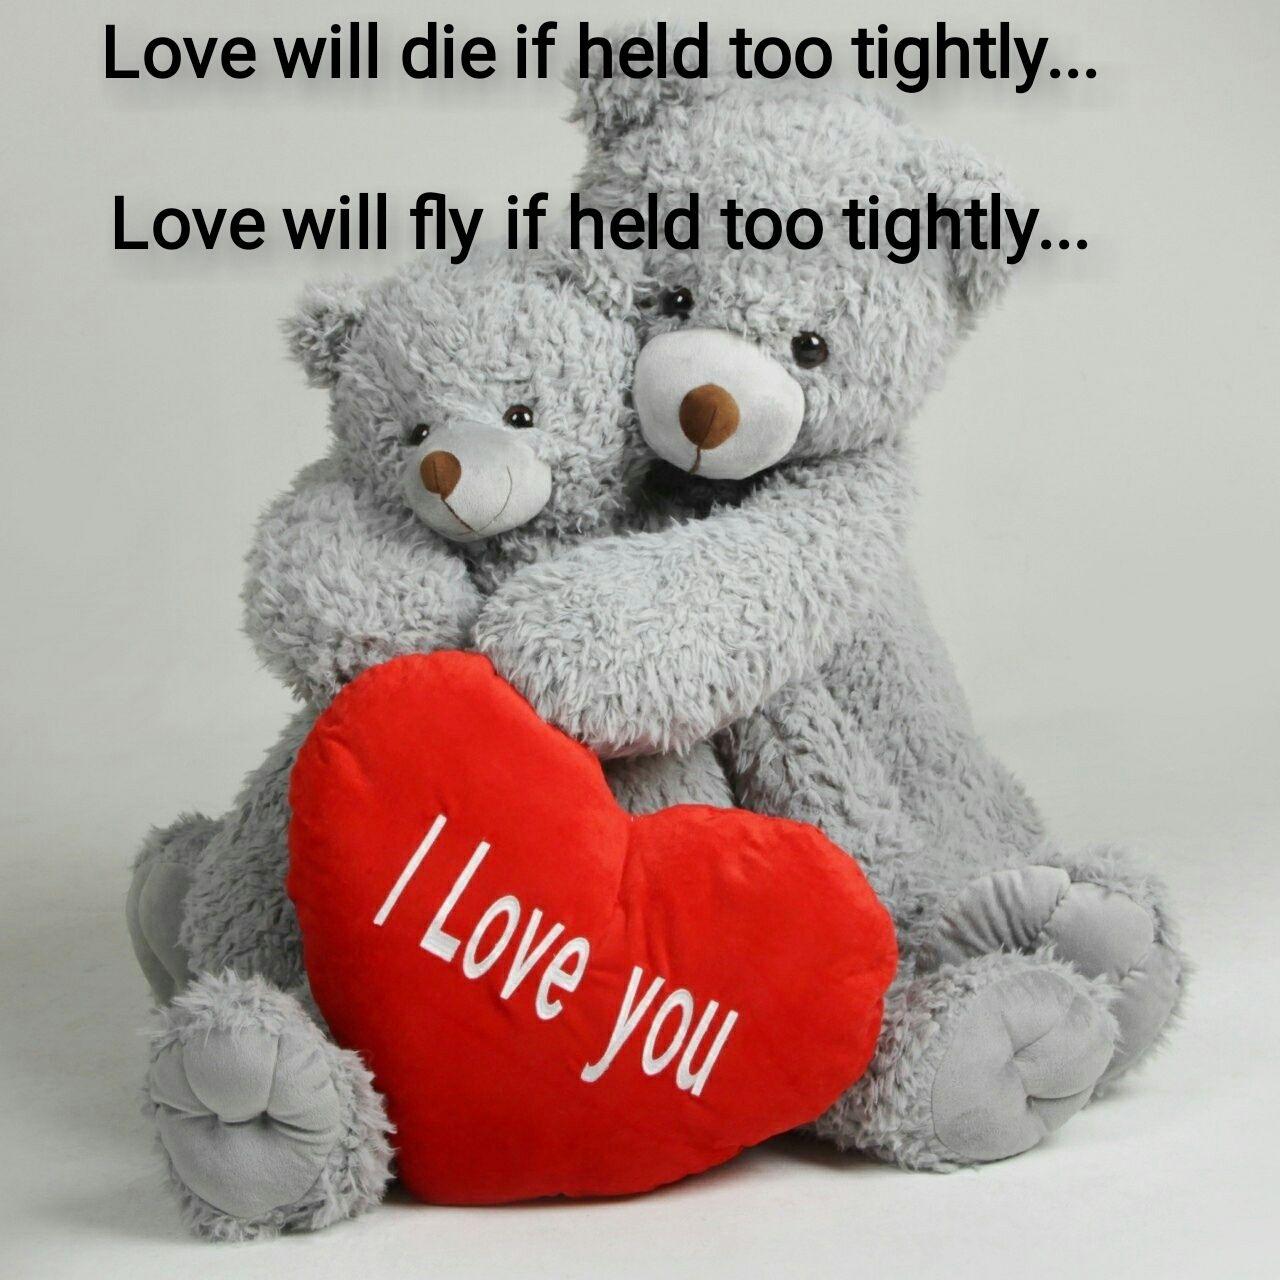 bears giant teddy bearteddy bearsvalentines - Giant Teddy Bears For Valentines Day